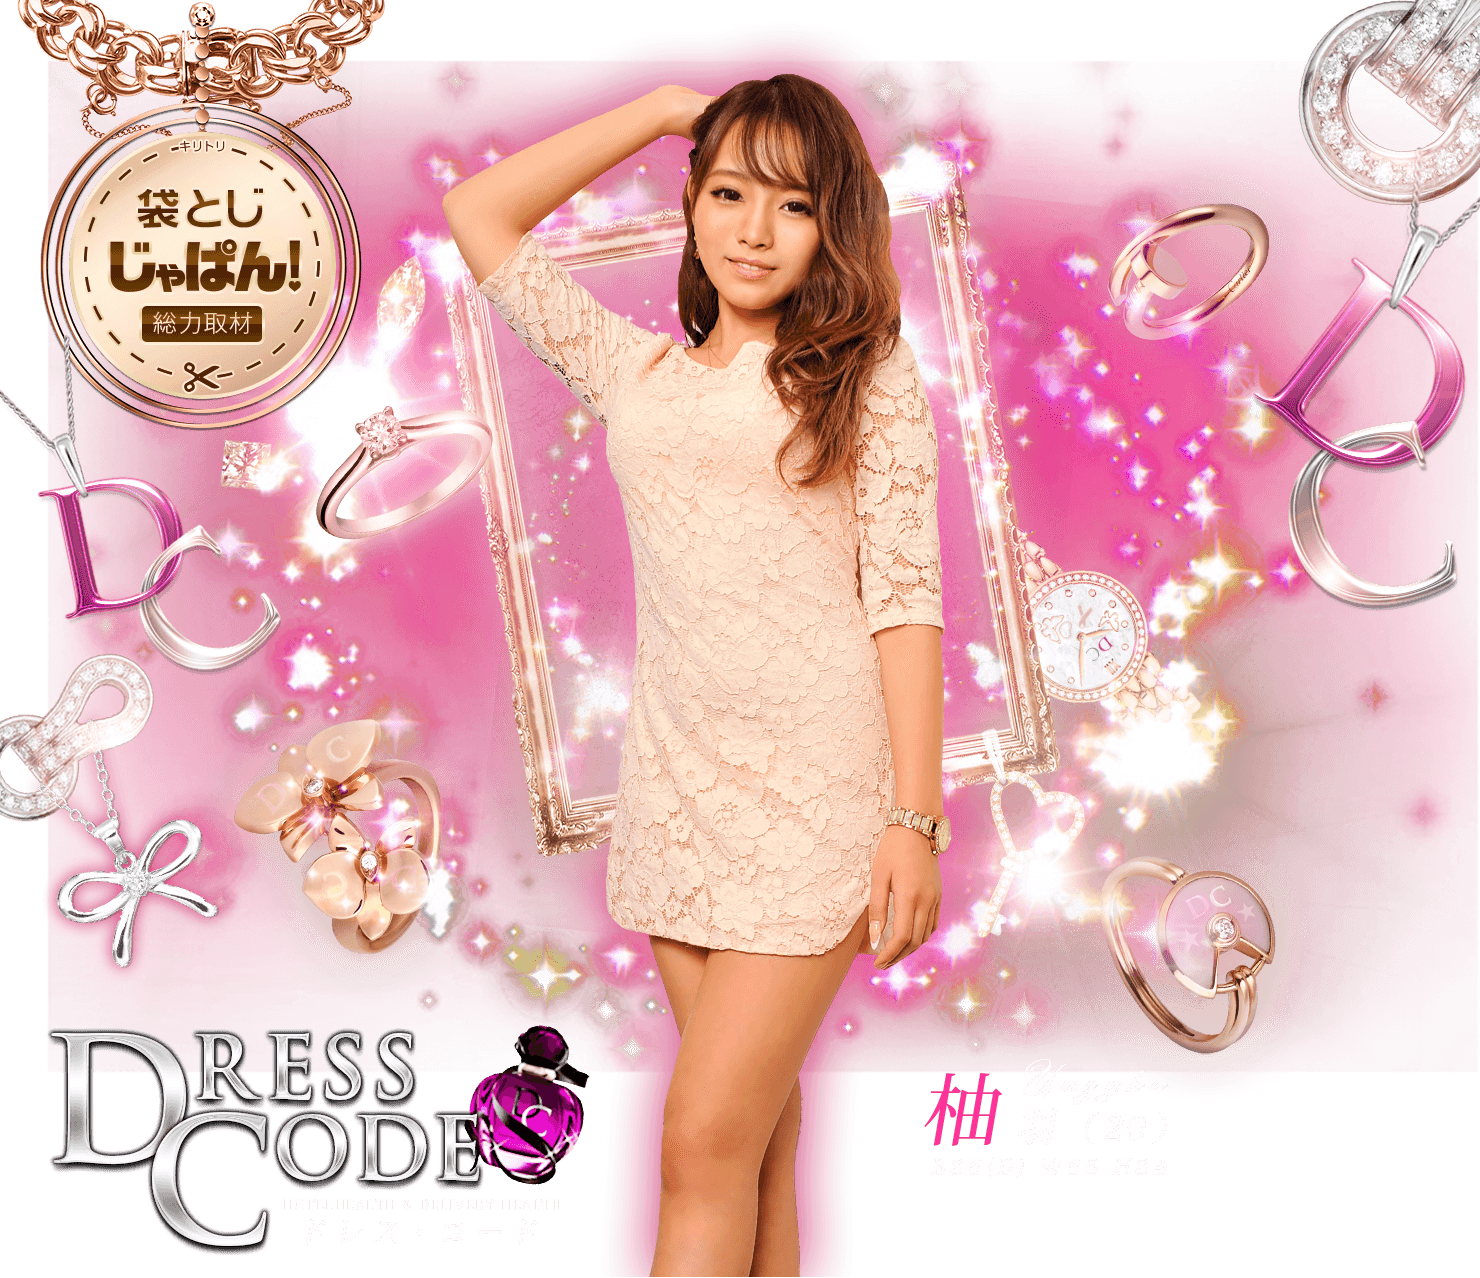 袋とじじゃぱん!総力取材 ドレス・コード 柚羽【ゆずは】(20) B85(D)/W56/H84